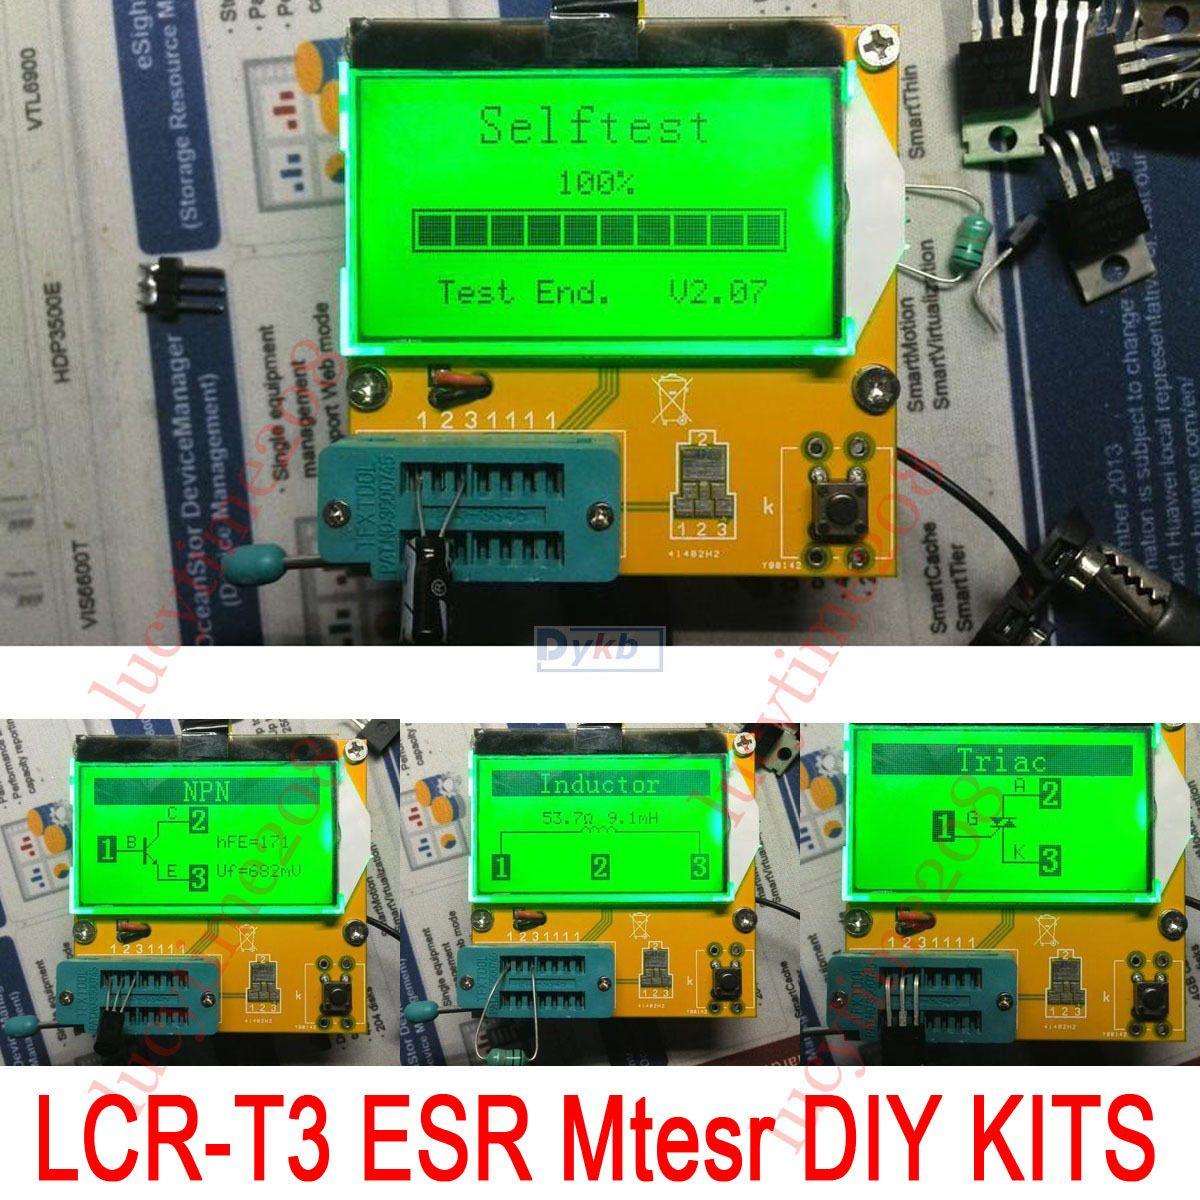 Nueva DIY Lcd LCR-T3 kits Mega328 Transistor Tester de Diodos Triodo condensador + ESR Medidor LCR inductancia + resistencia + SCR